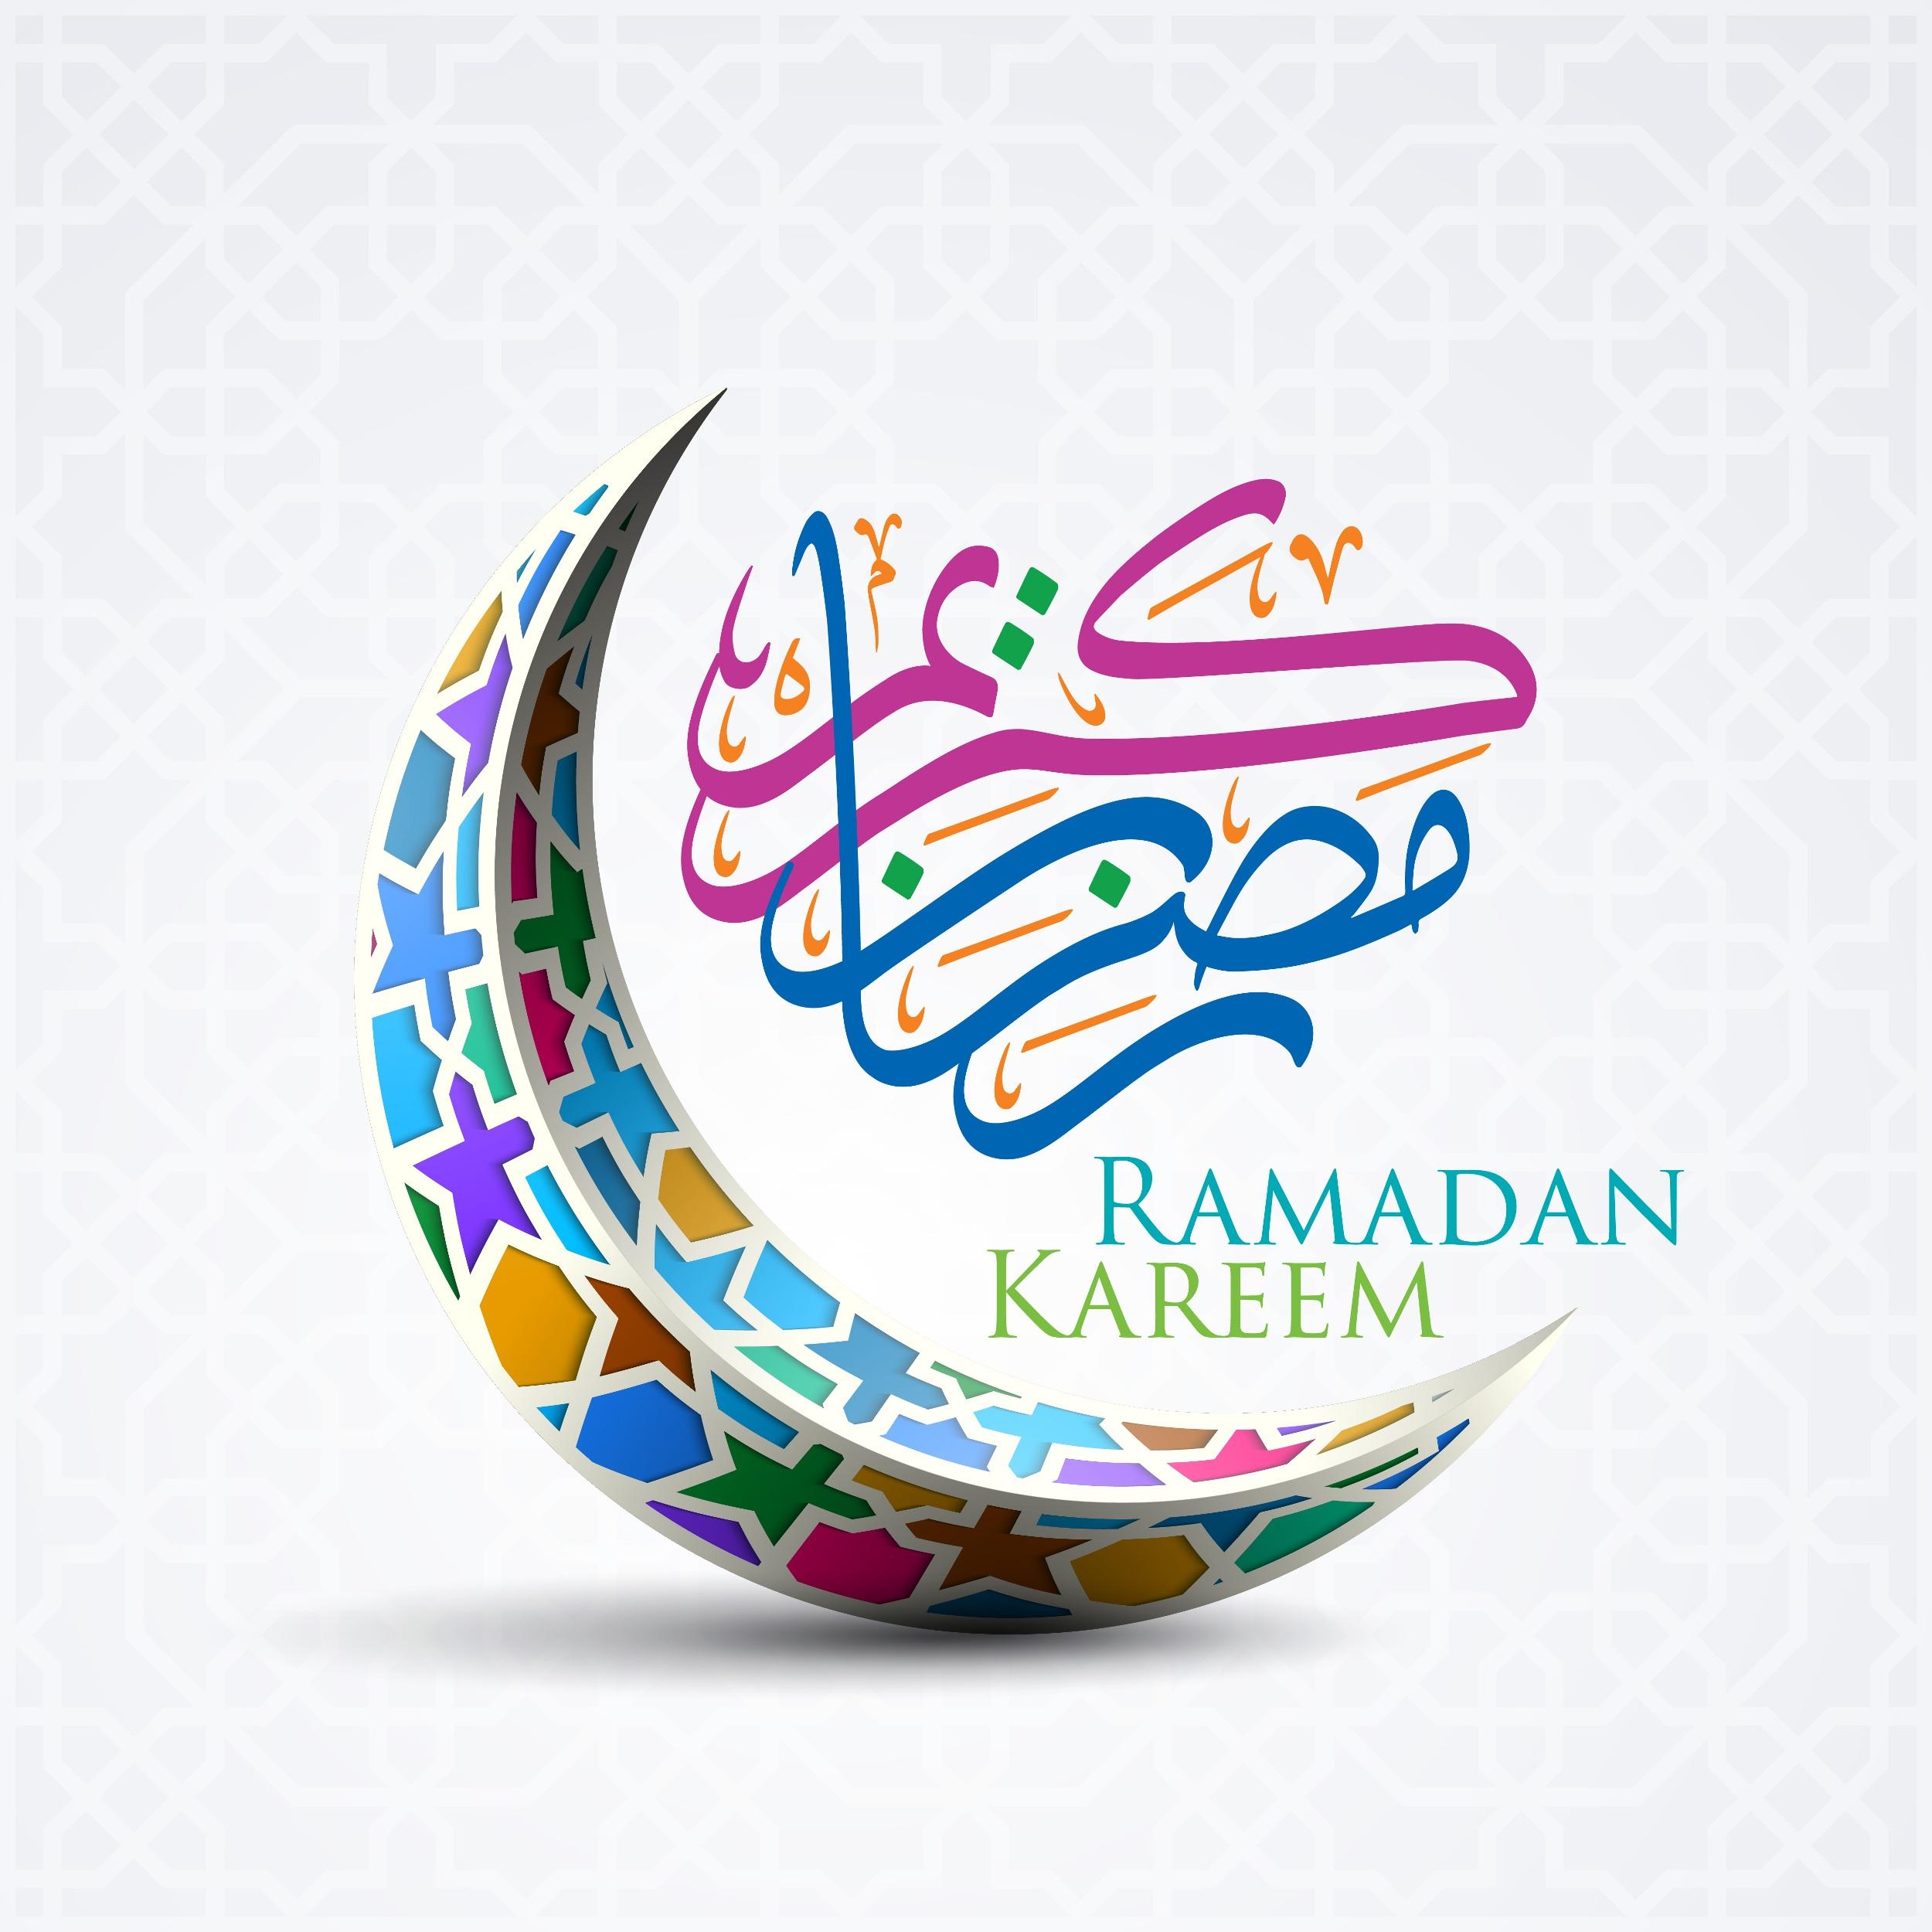 أجمل رسائل التهنئة لشهر رمضان لعام ١٤٤٢ هجري /  ٢٠٢١ م